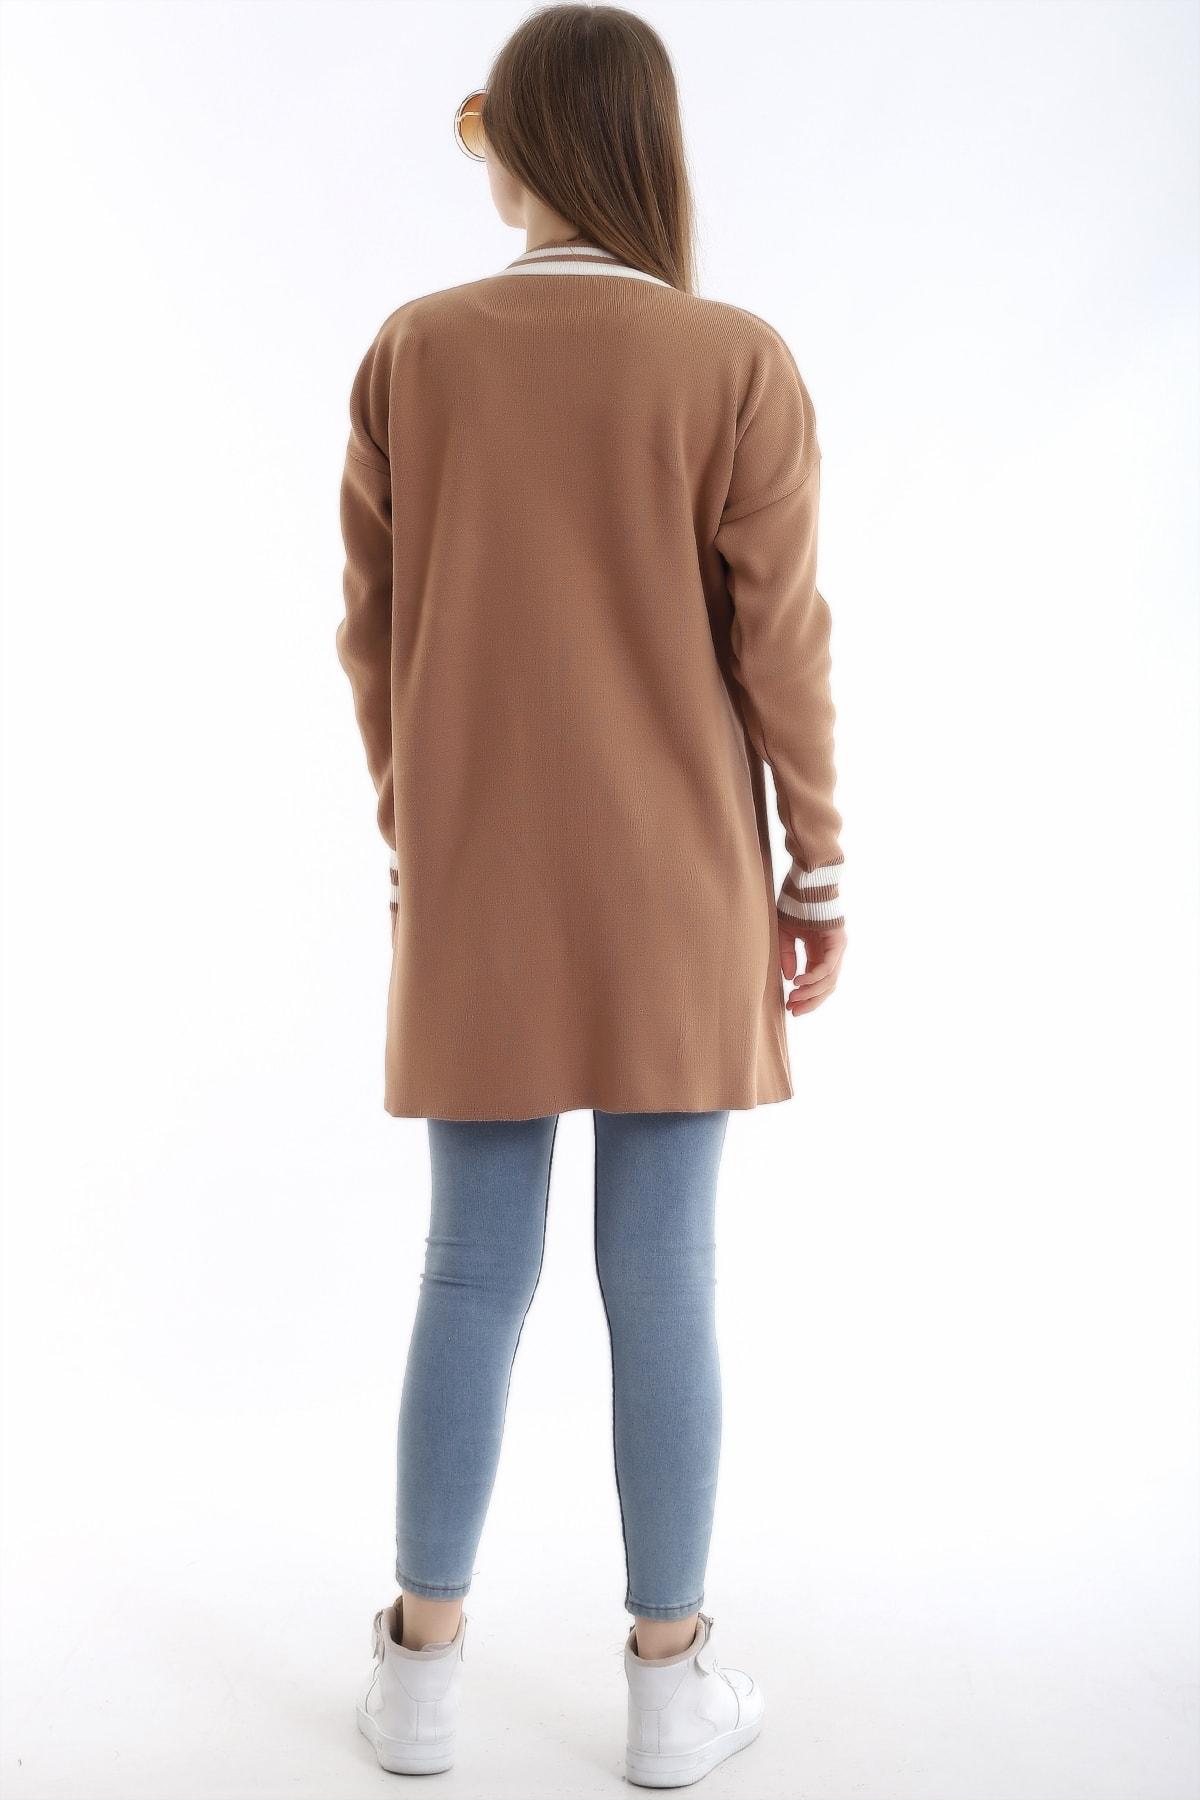 BLUECORNER Kadın Camel Cepli Çizgili Triko Hırka Blu14139